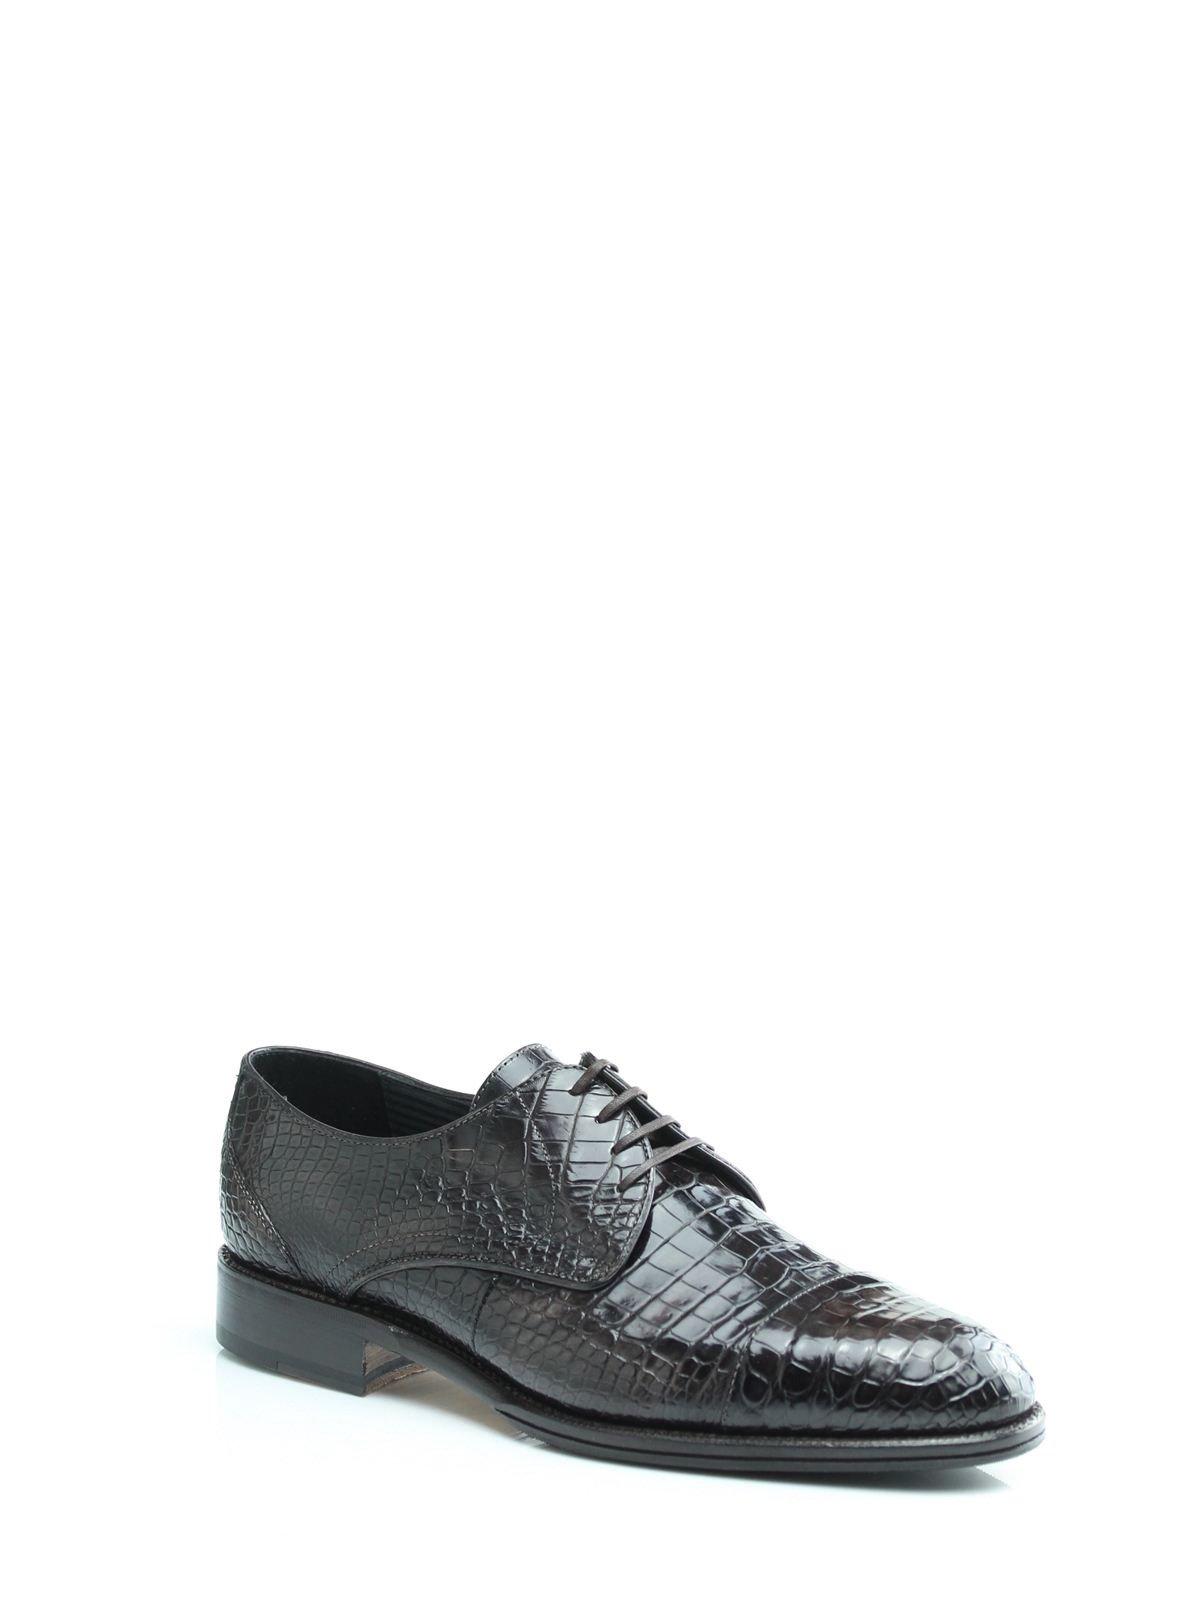 Туфлі коричневі зі шкіри крокодила | 1033668